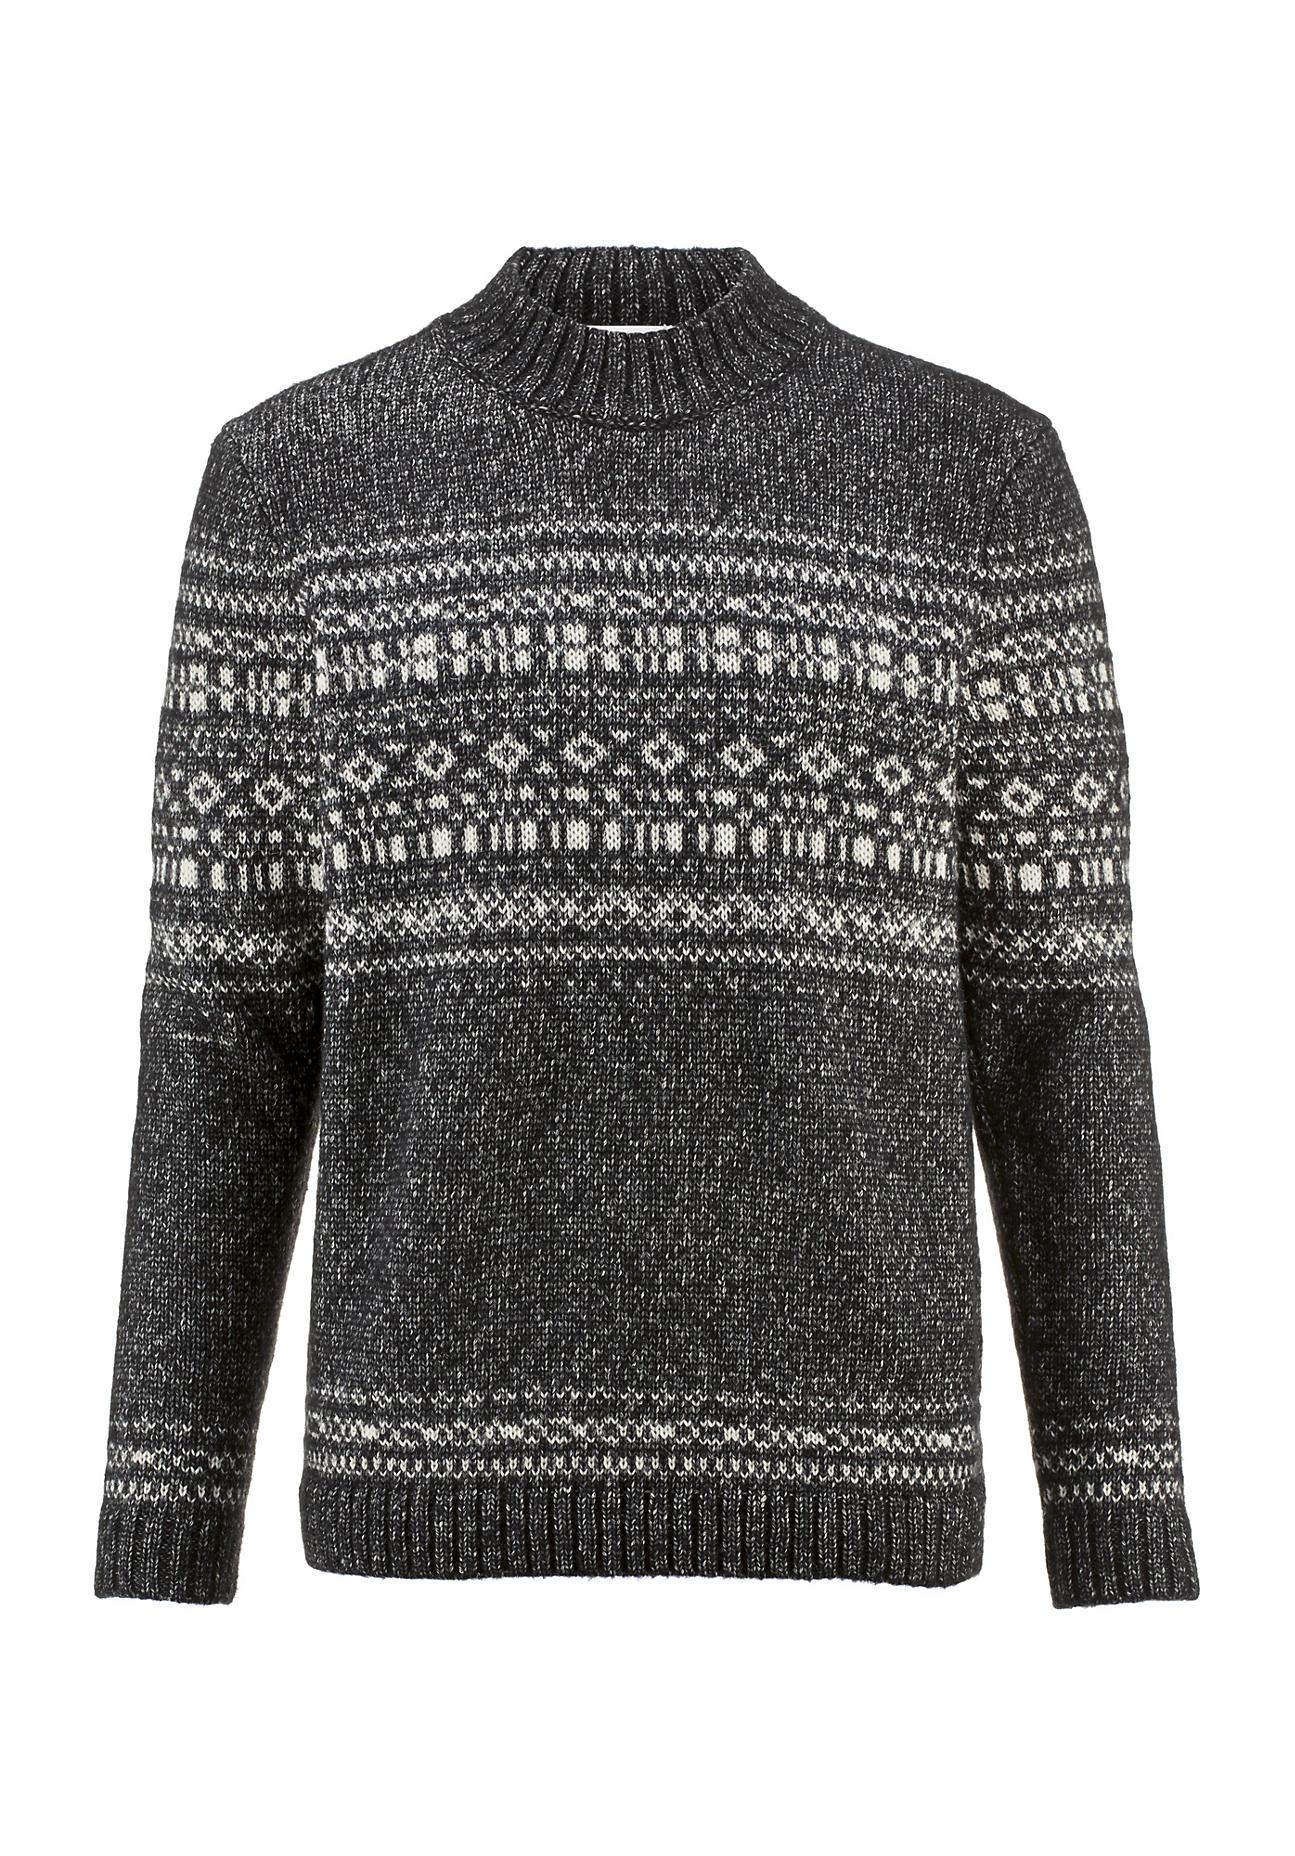 hessnatur Herren Norweger-Pullover aus Schurwolle mit Alpaka – schwarz – Größe 48 | Bekleidung > Pullover > Norwegerpullover | hessnatur